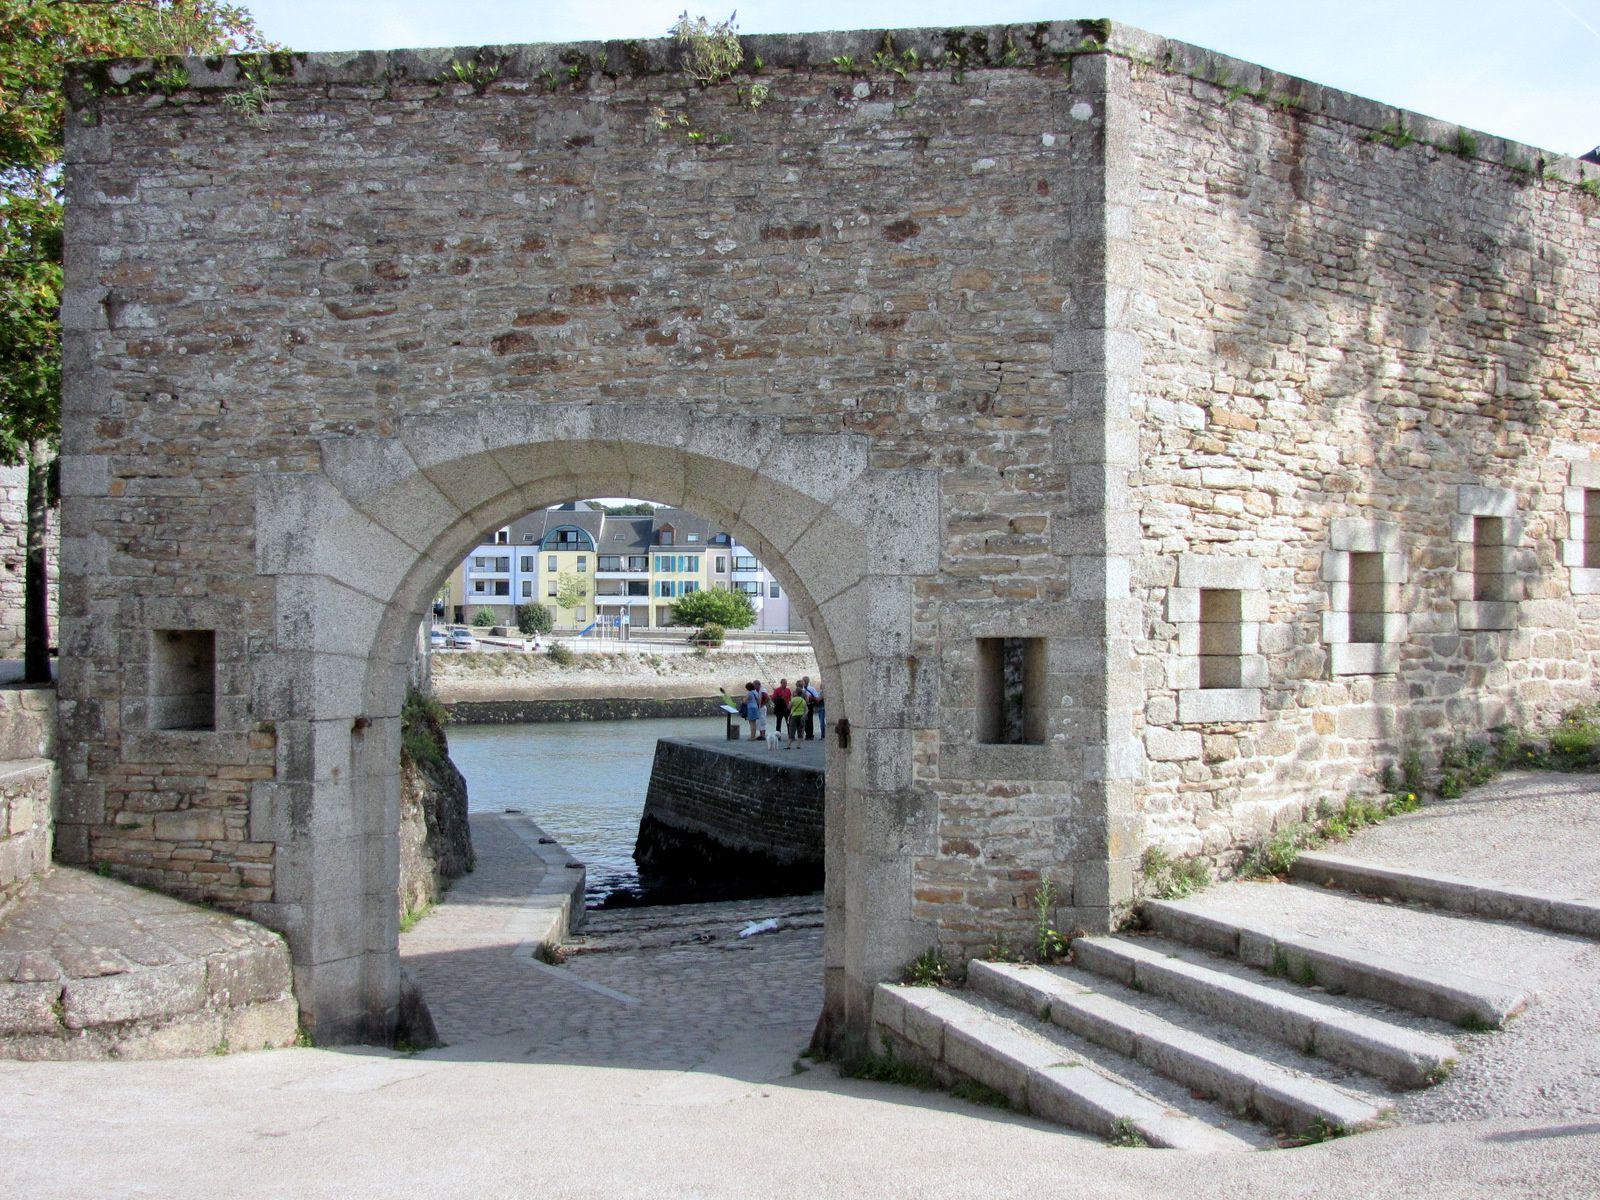 Vue intérieure de l'accès au quai